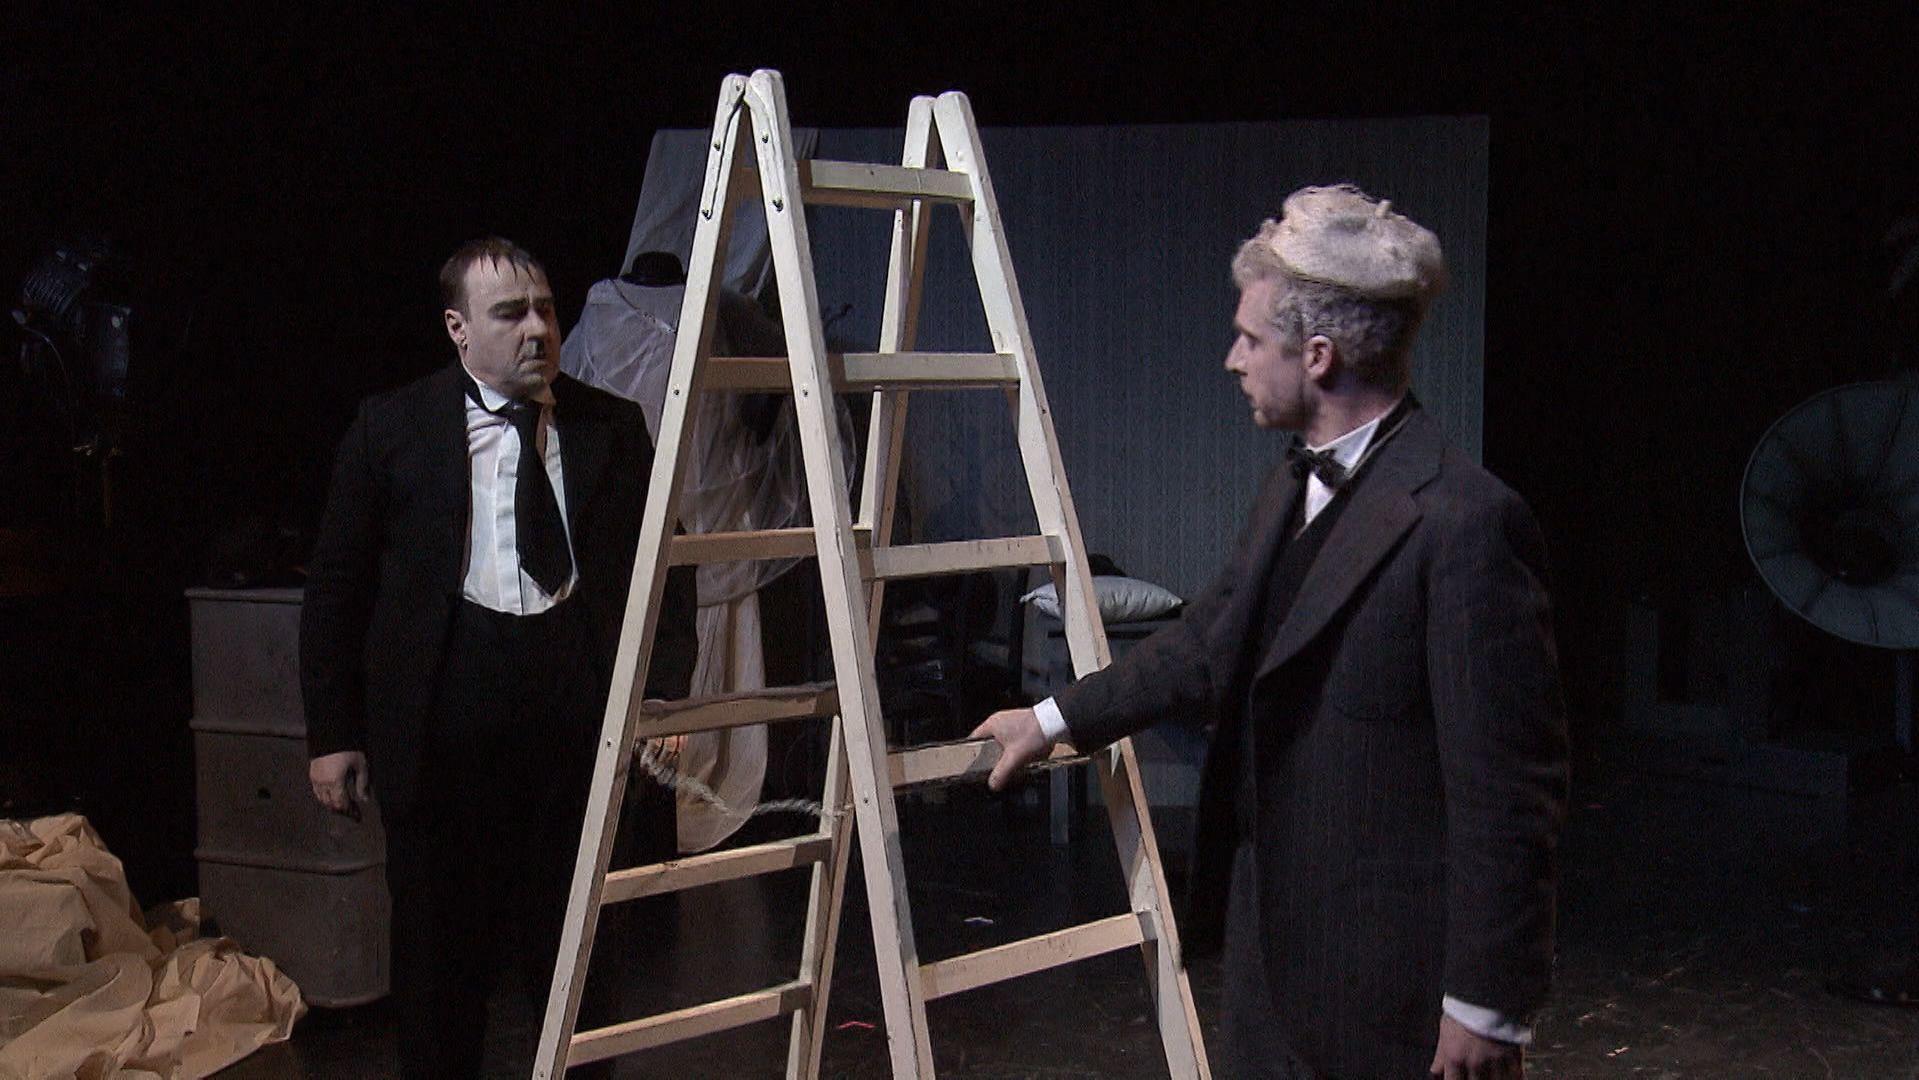 Zwei Schauspieler stehen auf der Bühne, dazwischen eine Leiter